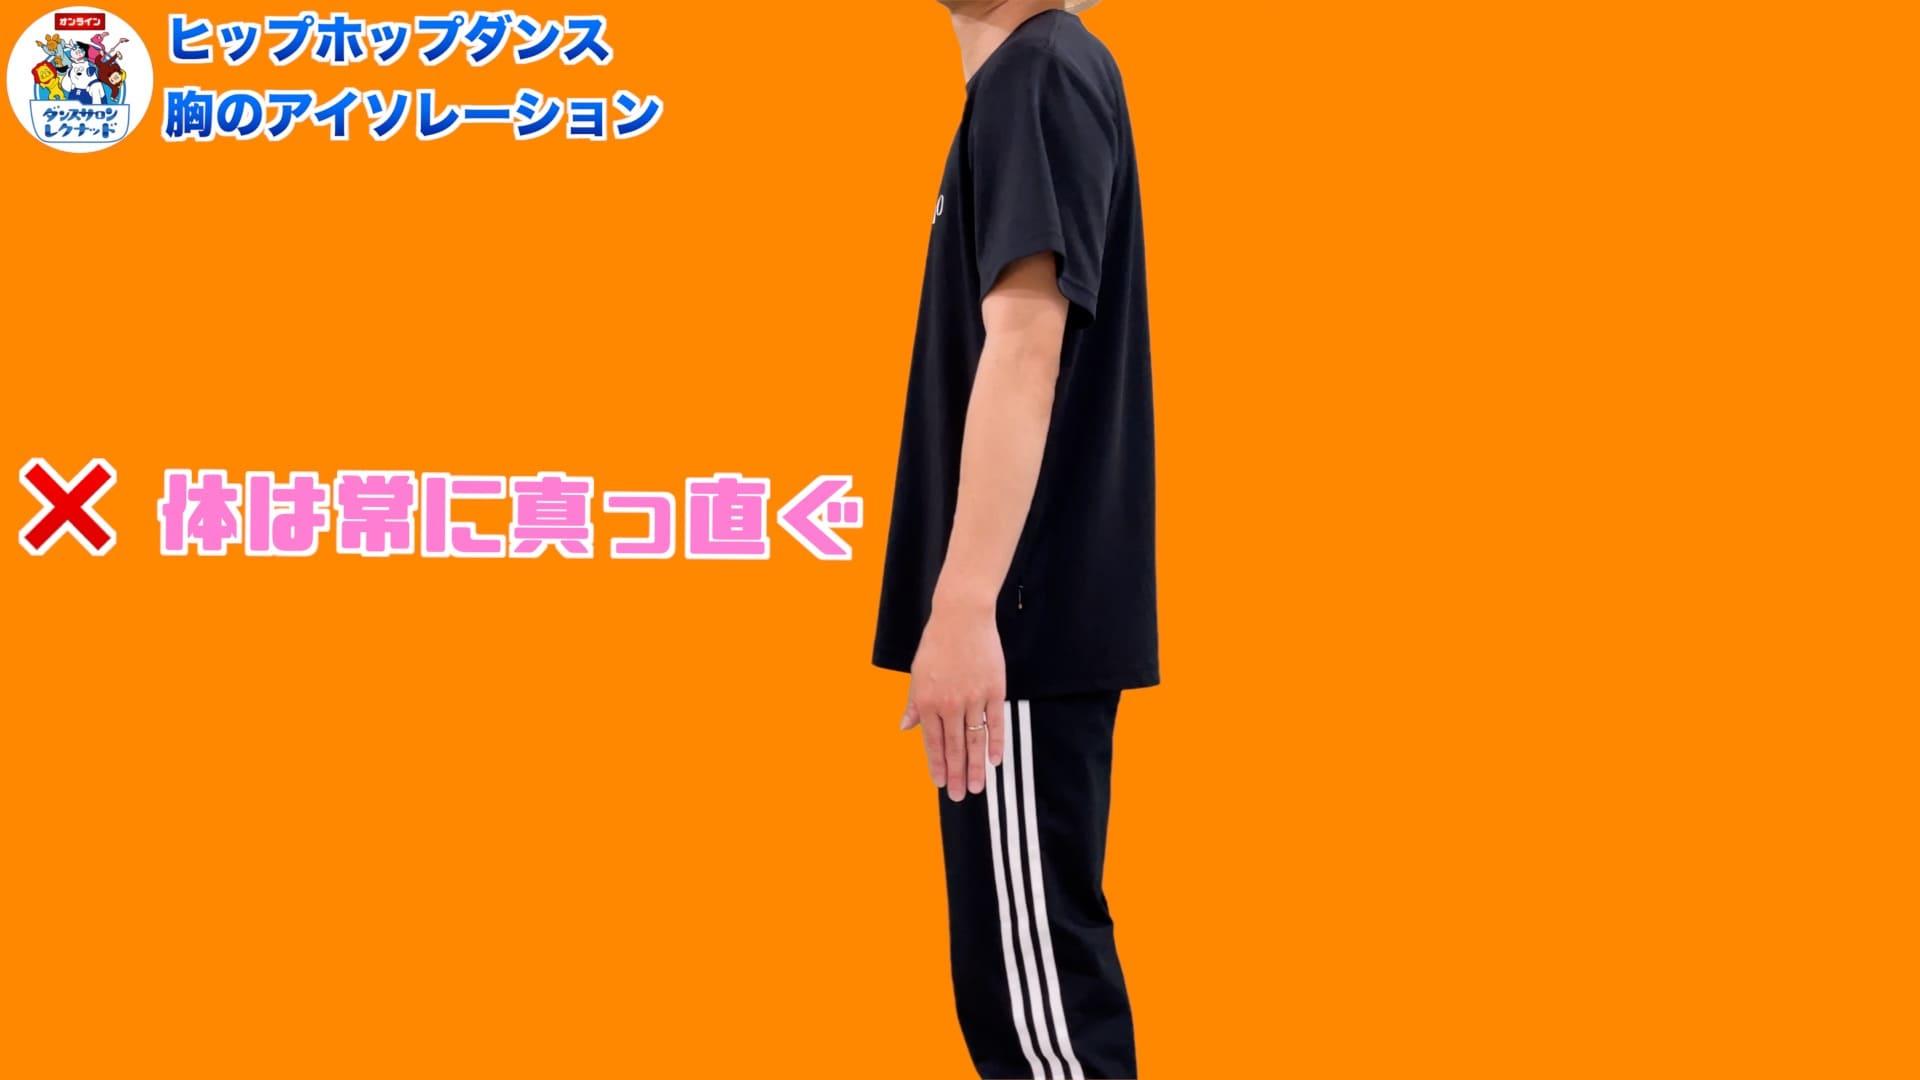 【 ダンスの教科書 】プロが指導 胸のアイソレーション